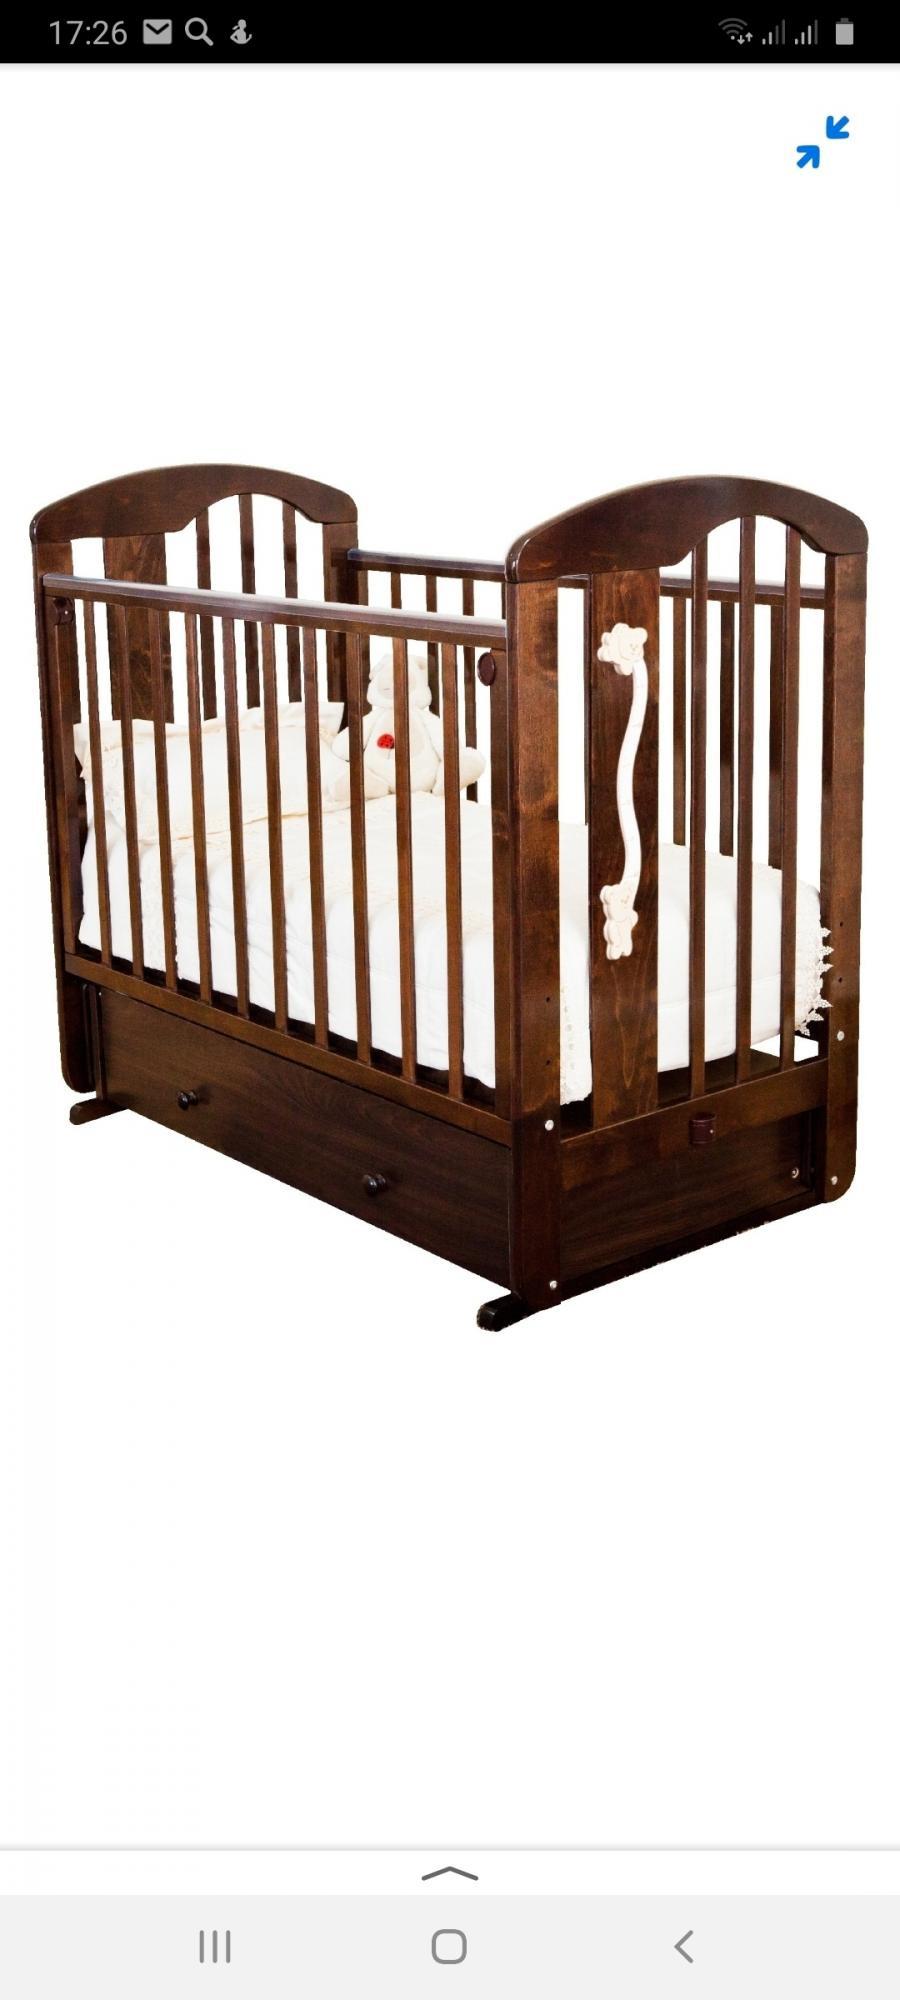 Продается кроватка в идеальном состоянии после одного ребенка, в эксплуатации бы...